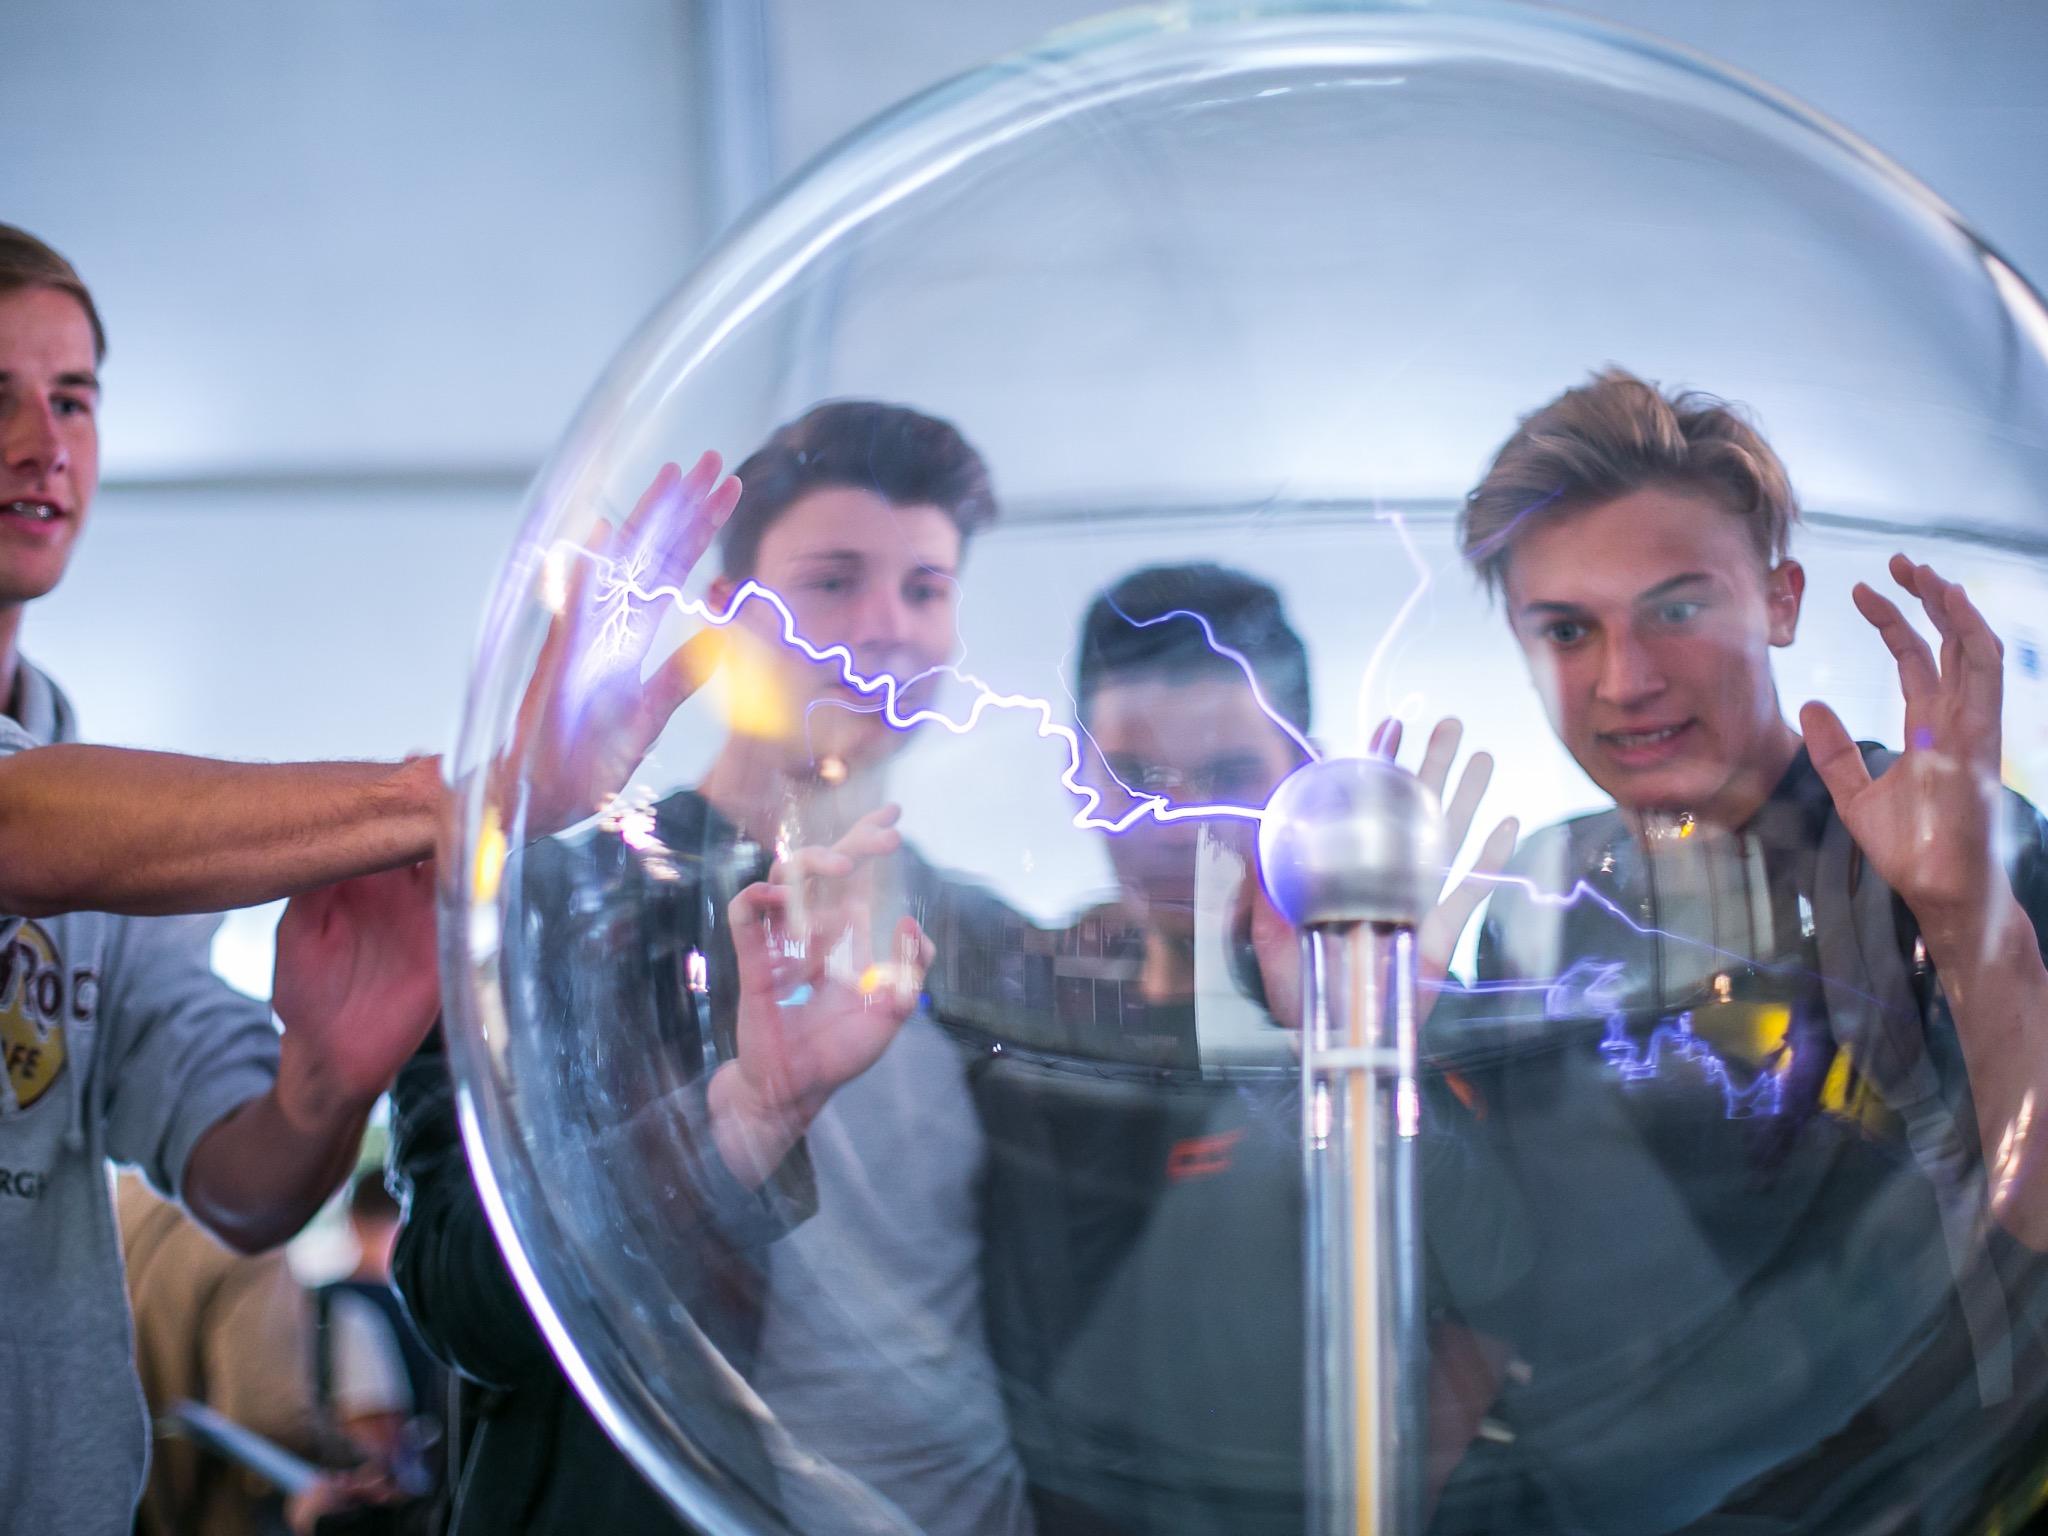 """""""Die wichtigsten Zutaten, um einen Zugang zur Physik zu finden, sind Neugierde, intrinsische Motivation, Entdeckergeist, Kreativität und Teamwork."""" Foto: Highlights der Physik/Offer"""